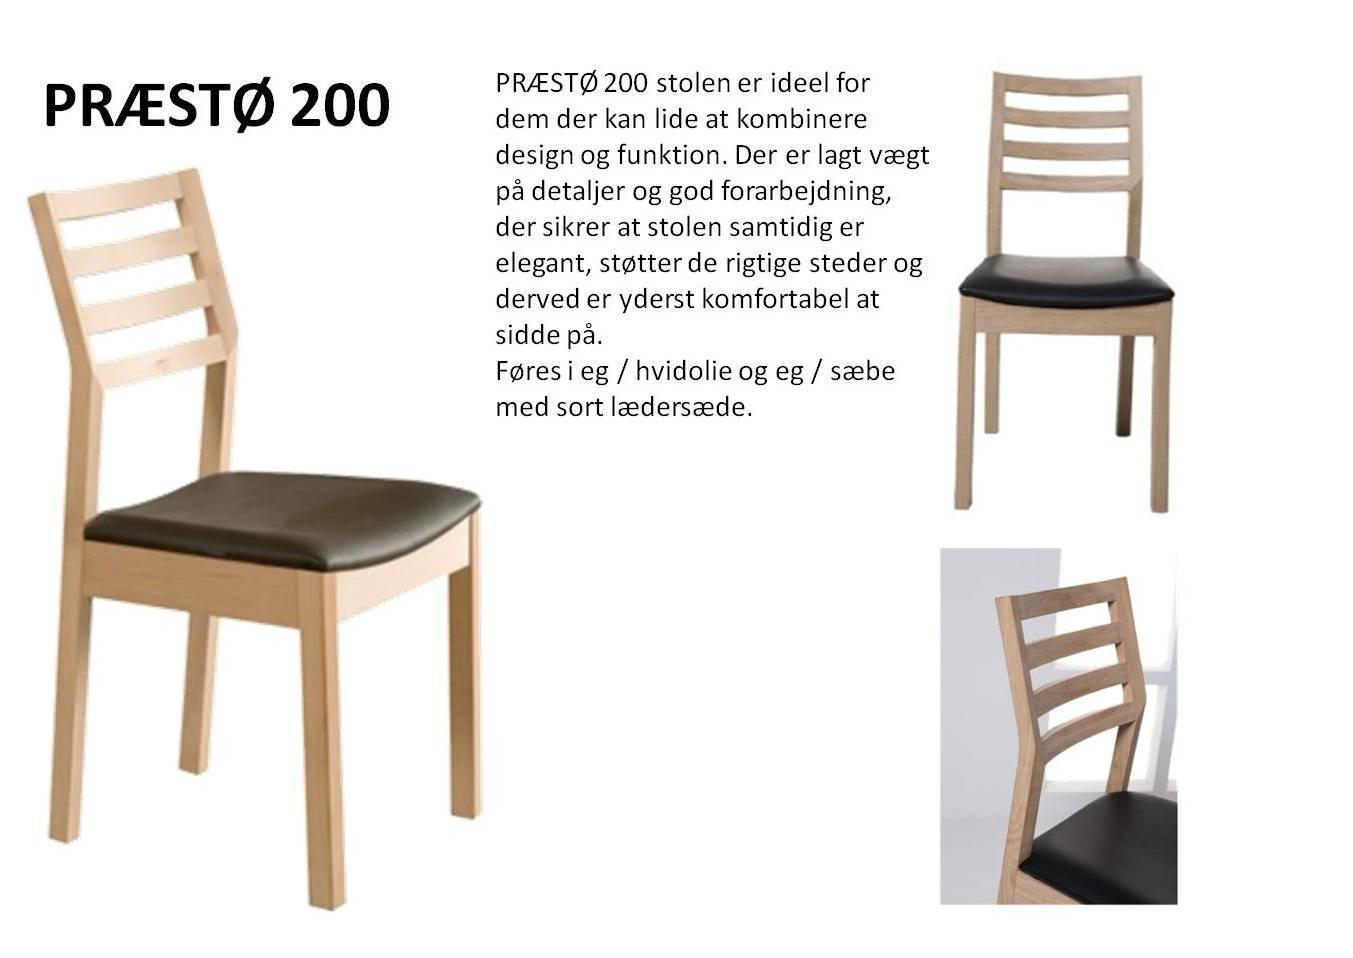 Præstø 200